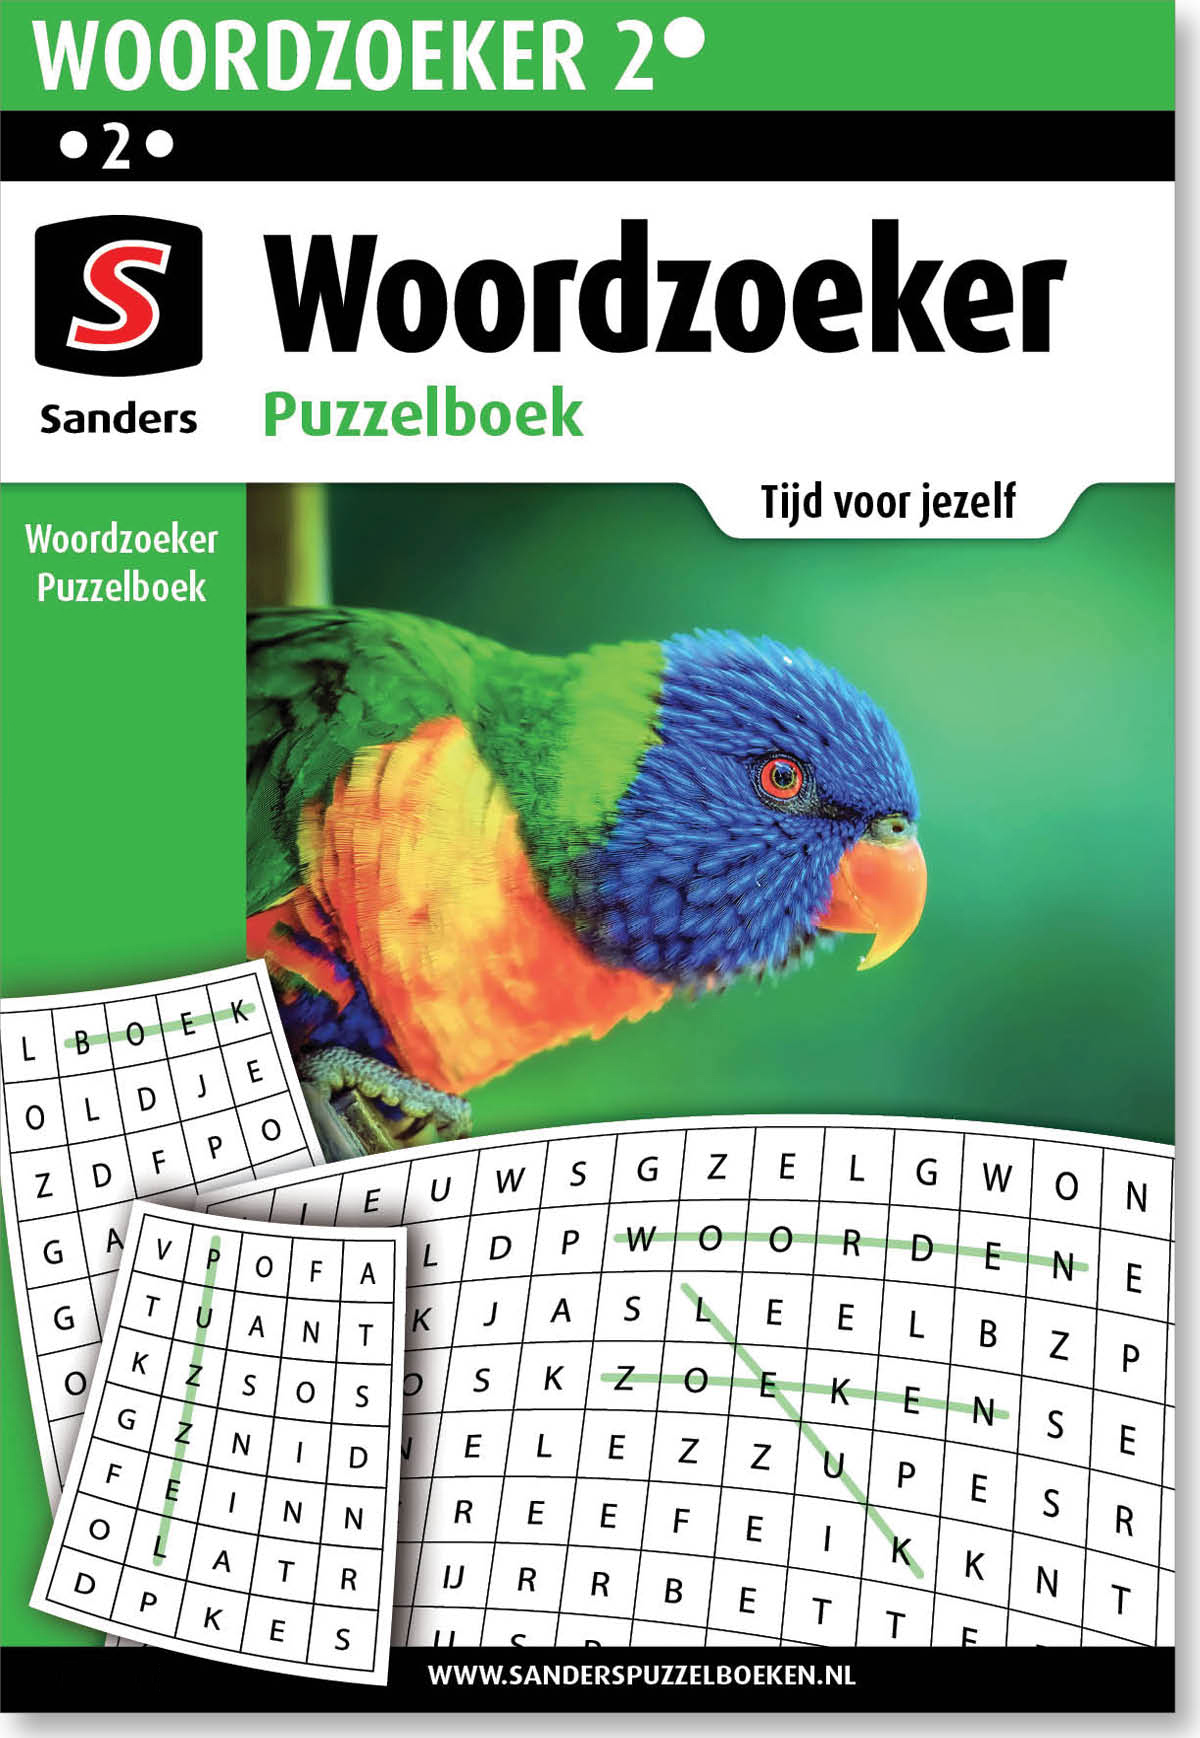 Woordzoeker Voordeel Puzzelboek